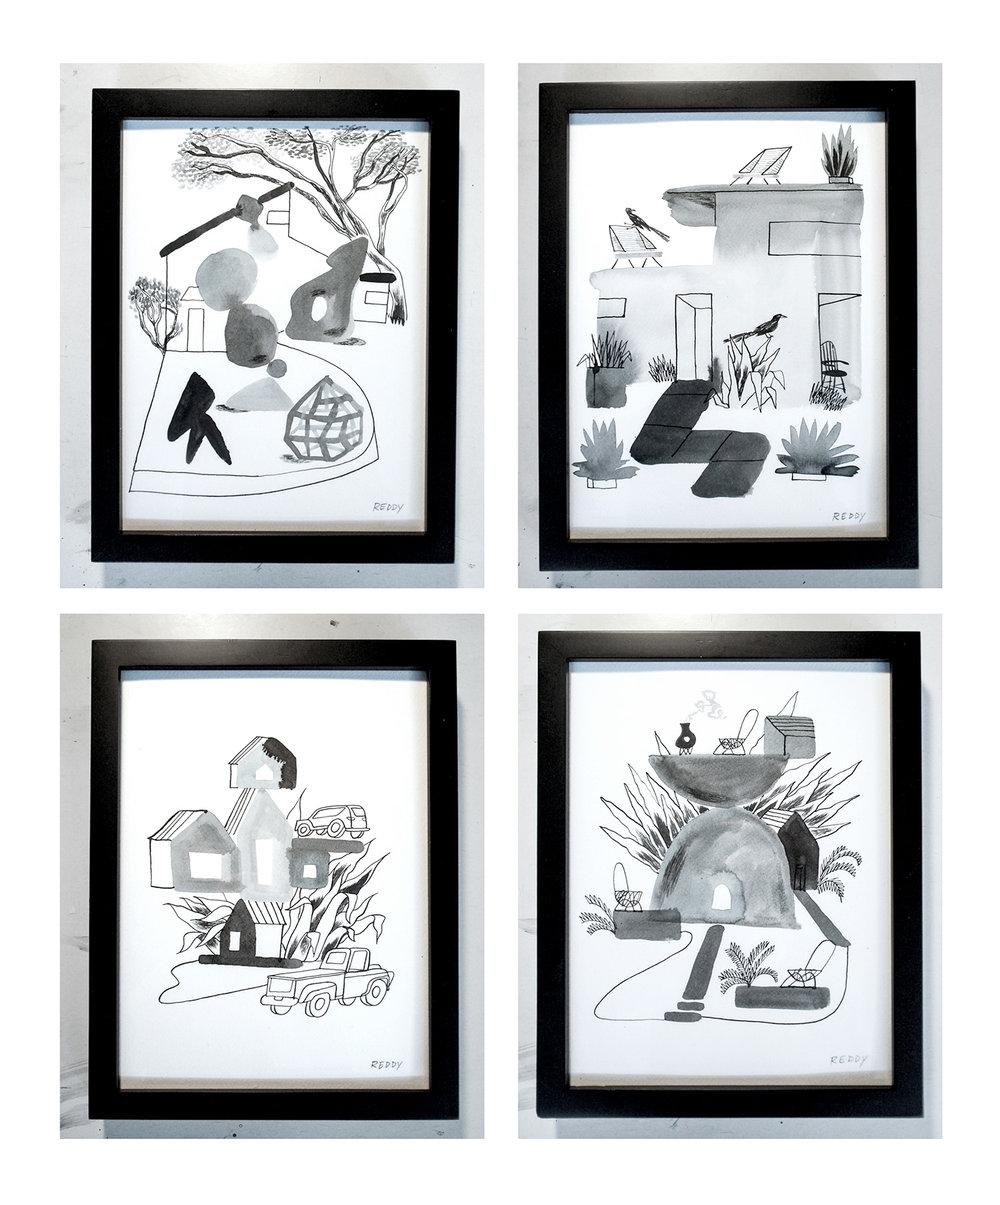 modernhouse_drawings_frames2.jpg